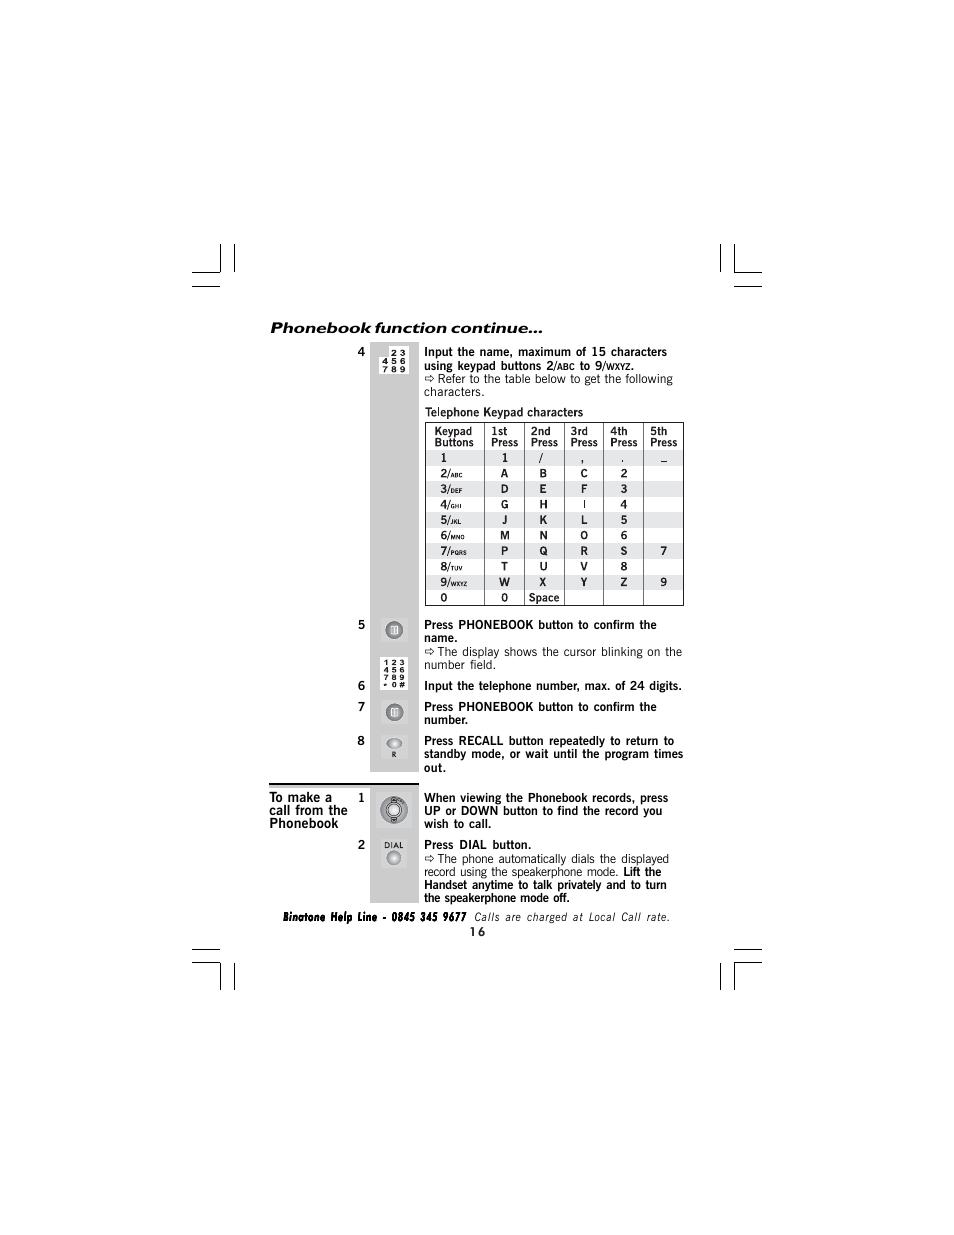 BINATONE SPEAKEASY 5 MANUAL PDF